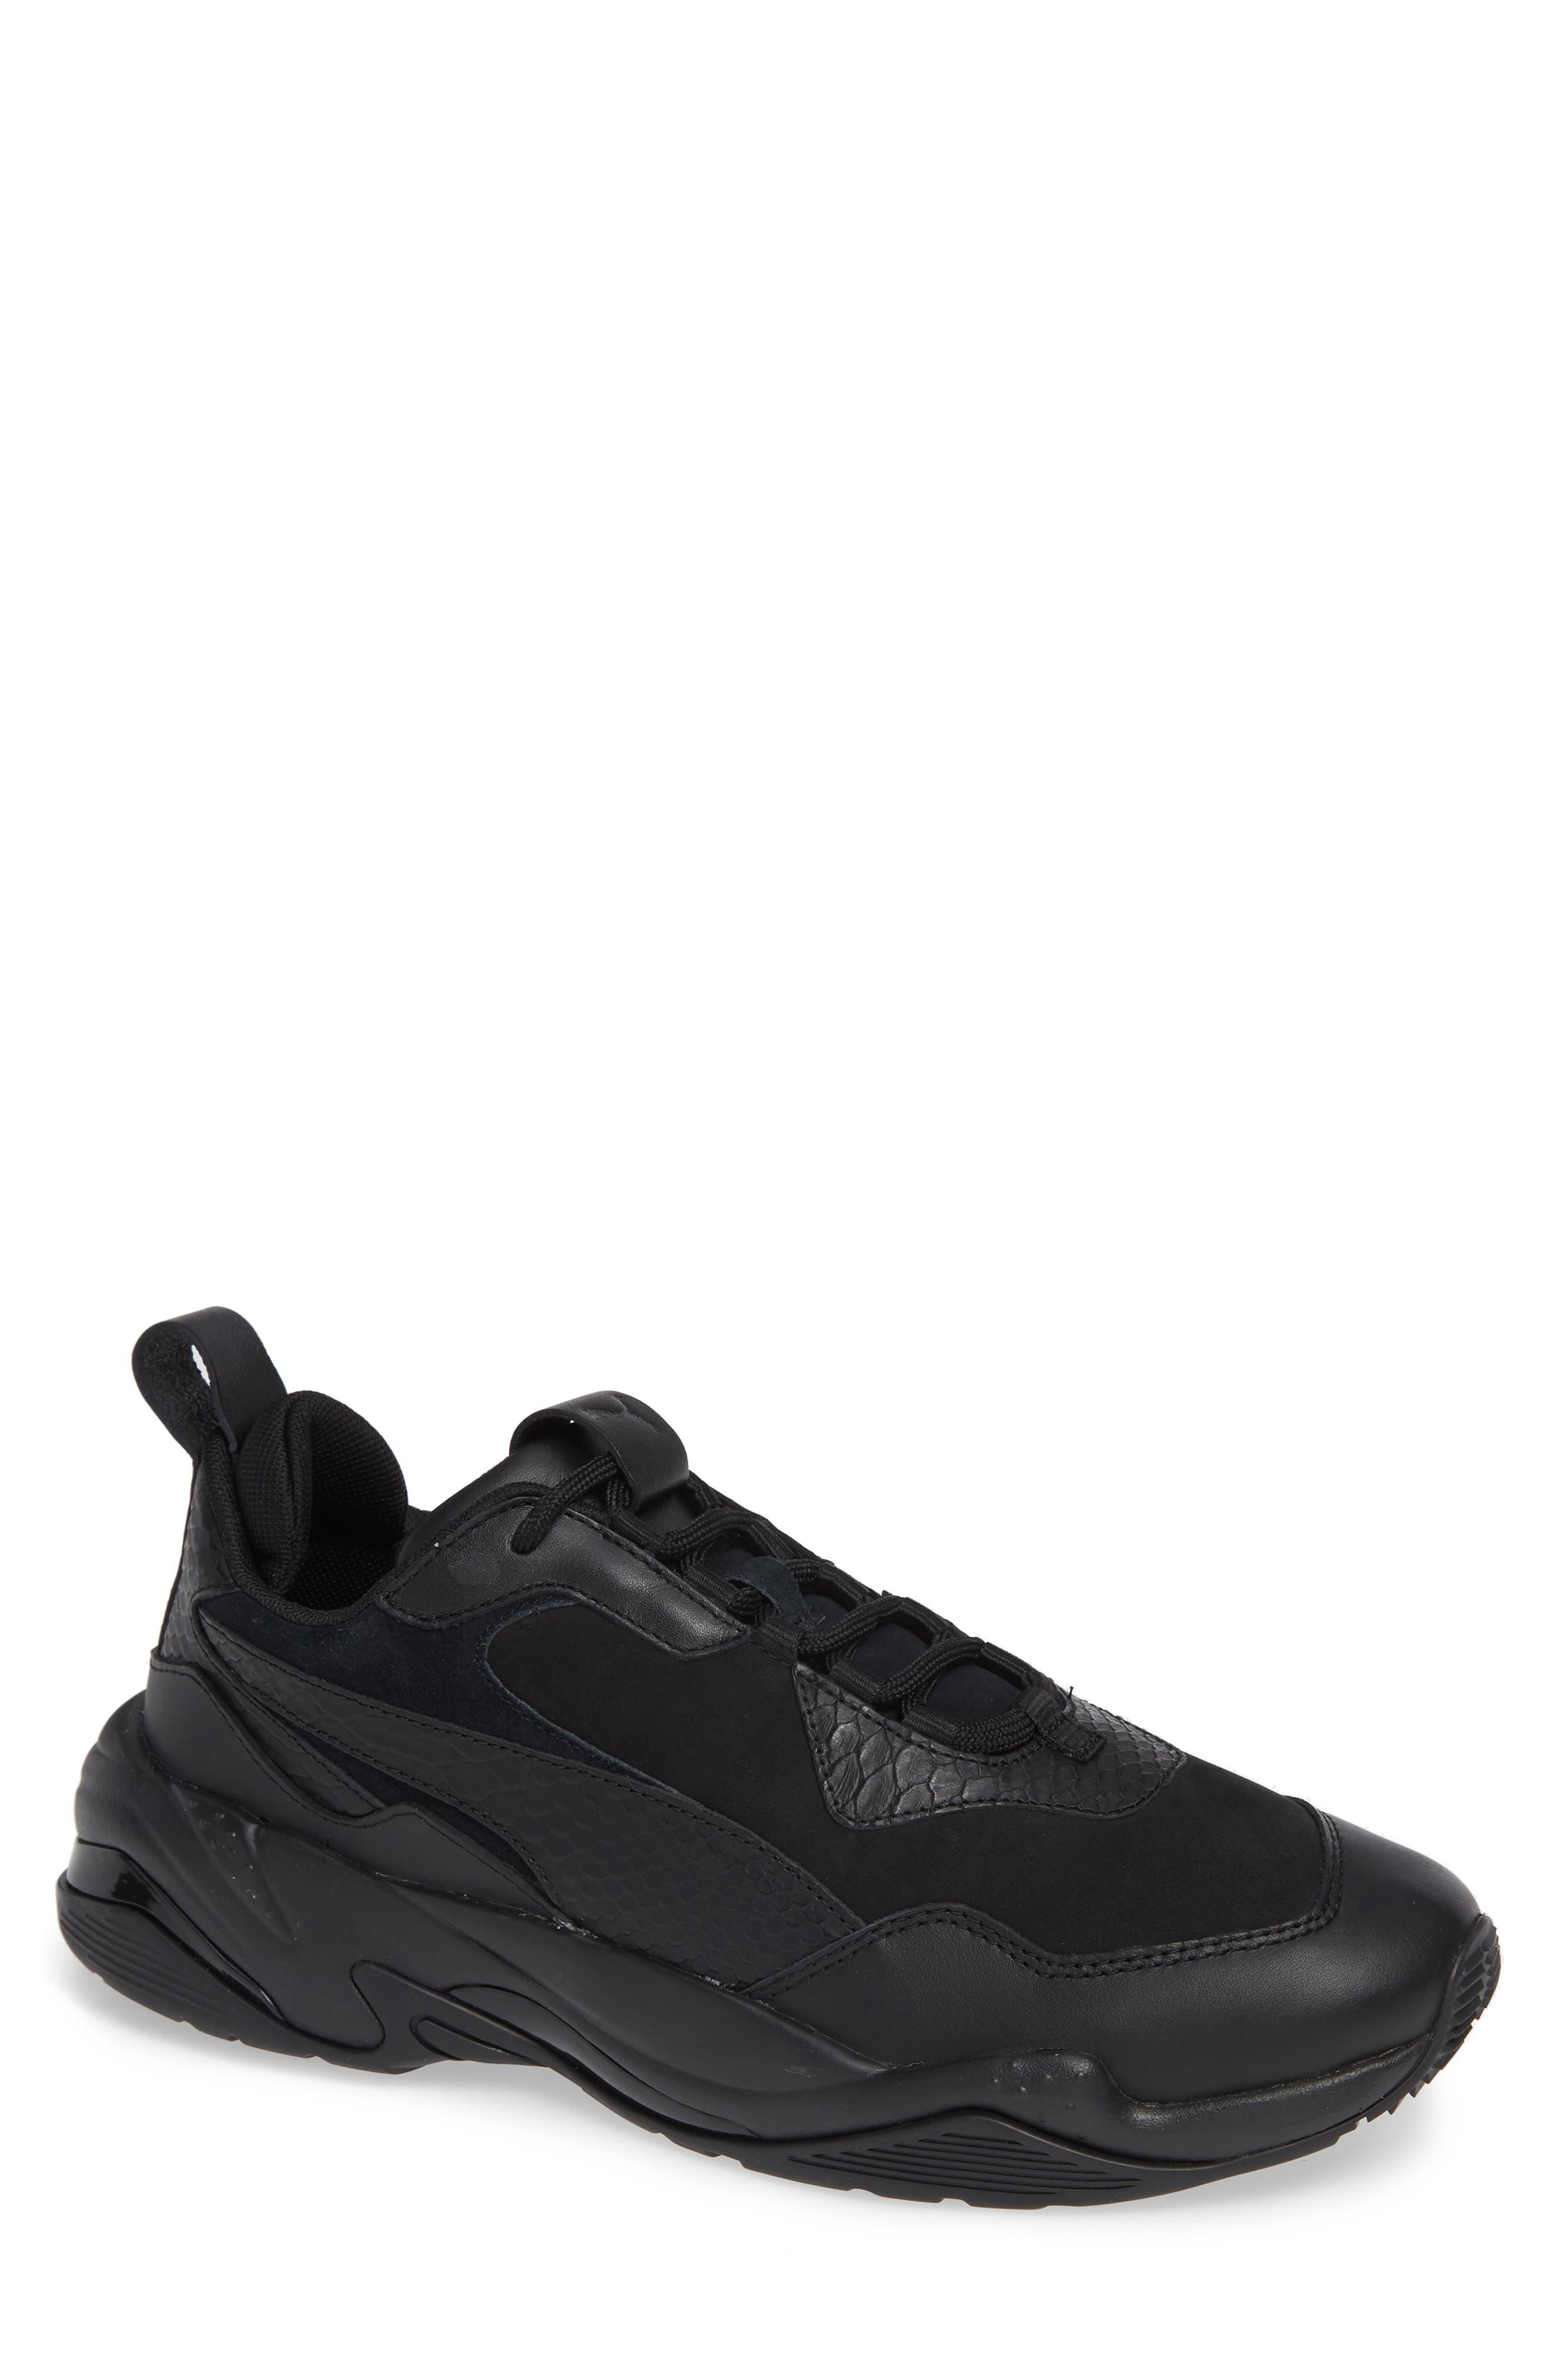 Thunder Desert Sneaker,                         Main,                         color, BLACK/ BLACK